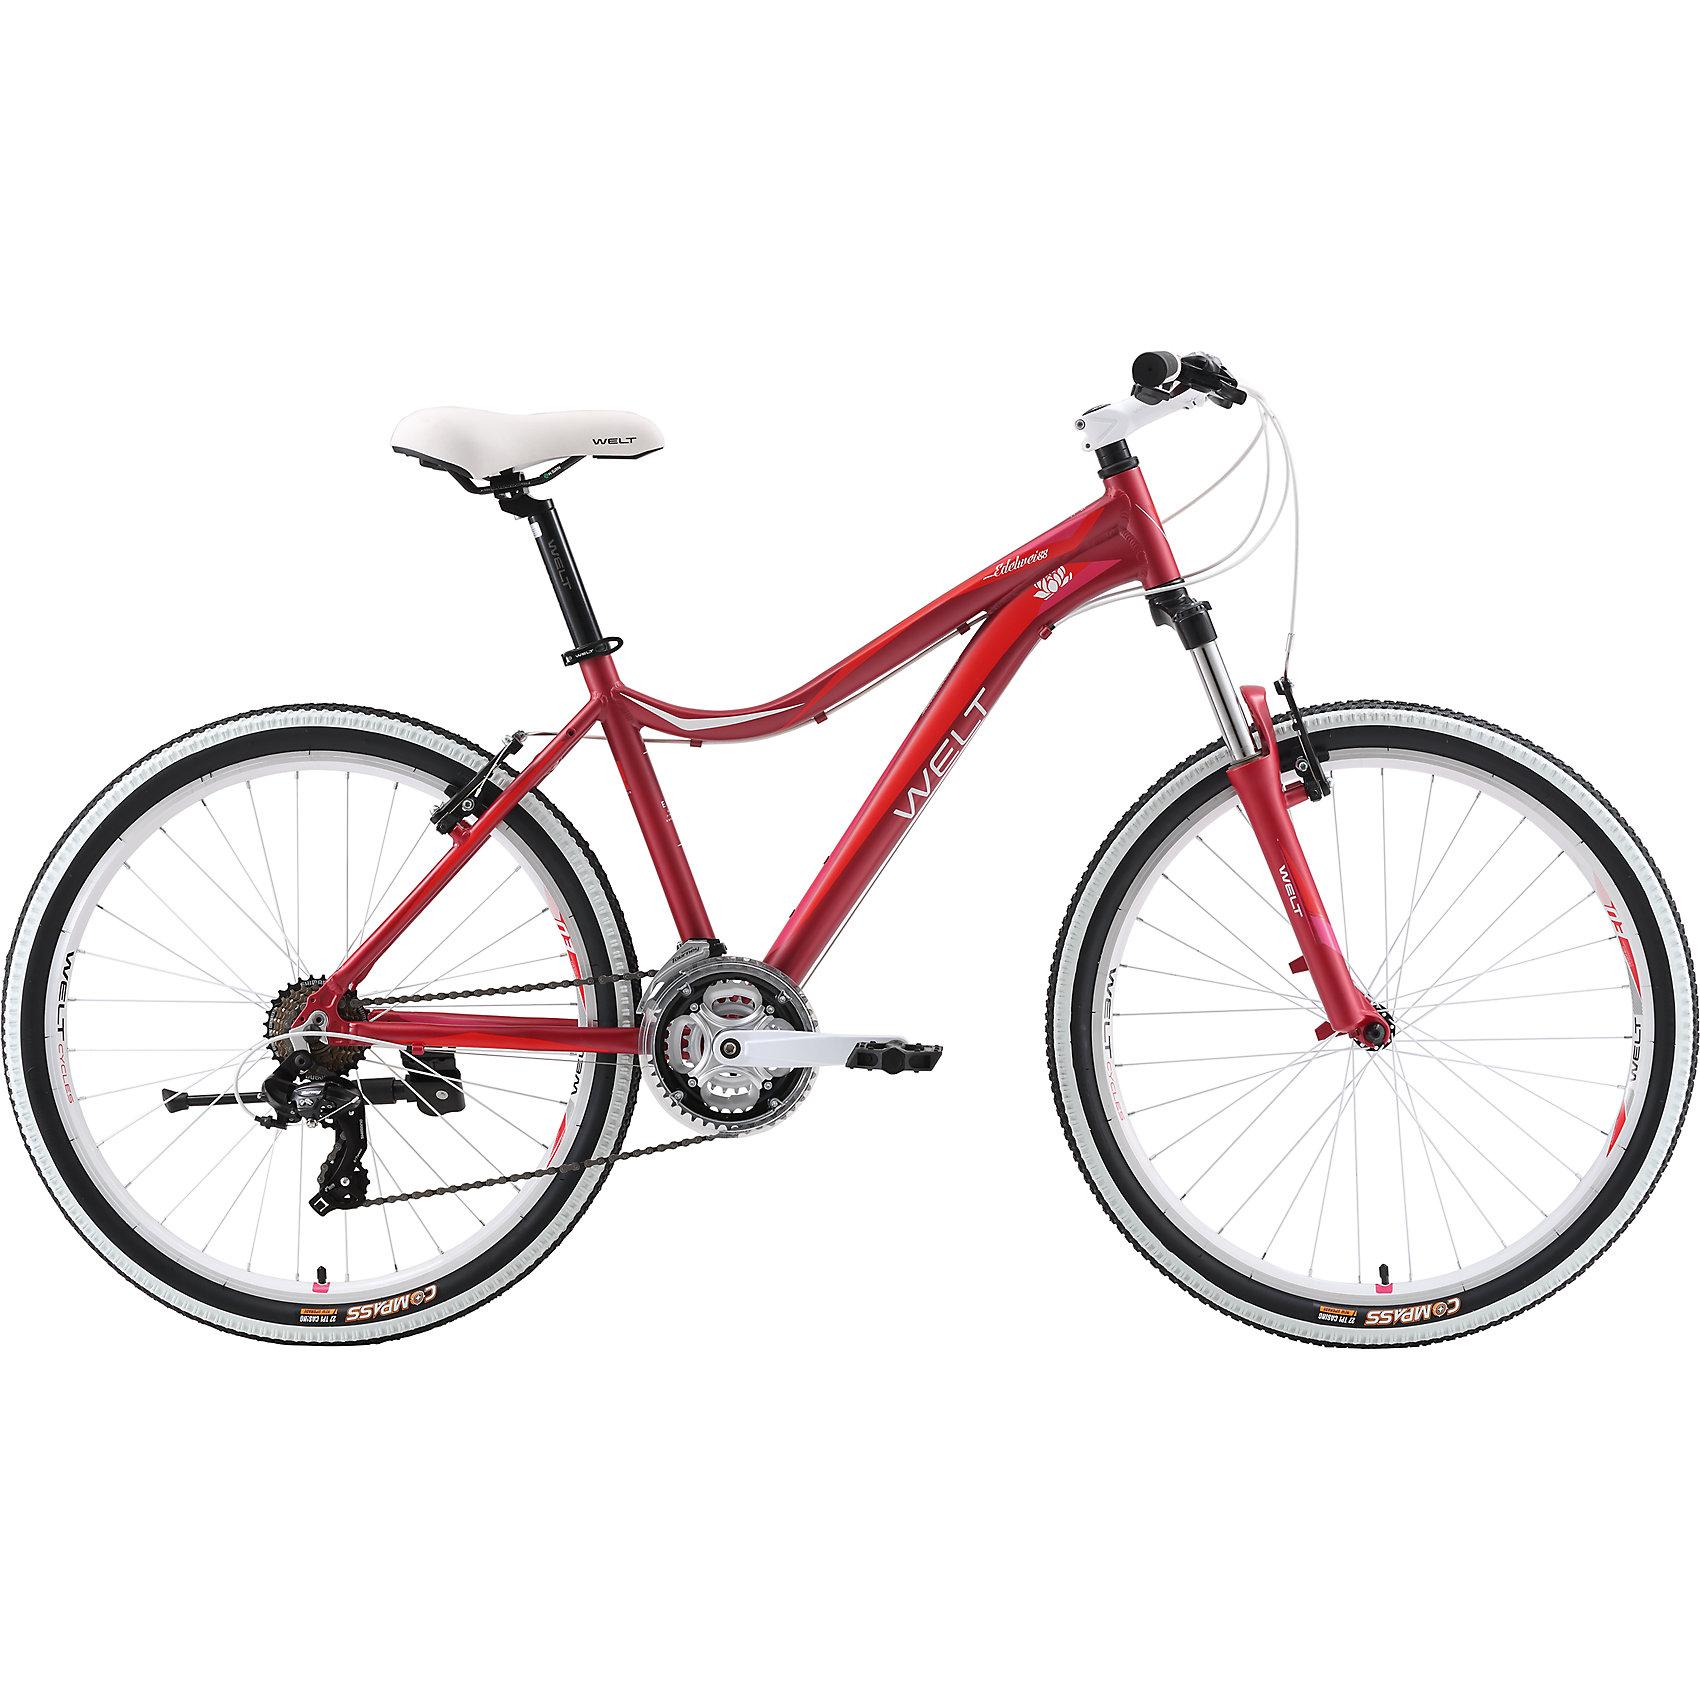 Велосипед  Edelweiss 1.0, 15,5 дюймов, темно-красный, WeltВелосипеды детские<br>Характеристики товара:<br><br>• цвет: красный<br>• рама: Alloy 6061 <br>• размер рамы: 16,20<br>• диаметр колес: 26<br>• кол-во скоростей: 21<br>• тип вилки: амортизационная<br>• вилка: WELT MRK MLO 100mm<br>• переключатель задний : Shimano TY-300<br>• переключатель передний: Shimano TZ-30<br>• шифтеры: Shimano EF-51<br>• тип тормозов: V-brake<br>• тормоза: Alloy YX-122<br>• система: steel 42/34/24<br>• кассета: Shimano HG20 12-28T<br>• тип рулевой колонки:  1-1/8 безрезьбовая<br>• покрышки: Compass 26 x 2,1<br>• страна бренда: Германия <br><br>Элегантная модель велосипеда Edelweiss разработана для эксплуатации как в городе, так и на легком бездорожье. Цвет рамы, стиль и дизайн подчеркивают женственность, сохраняя спортивные черты. <br><br>Велосипед  Edelweiss 1.0 D, 15,5 дюймов, красный, Welt можно купить в нашем интернет-магазине.<br><br>Ширина мм: 1450<br>Глубина мм: 200<br>Высота мм: 800<br>Вес г: 16500<br>Возраст от месяцев: 168<br>Возраст до месяцев: 2147483647<br>Пол: Женский<br>Возраст: Детский<br>SKU: 5569417